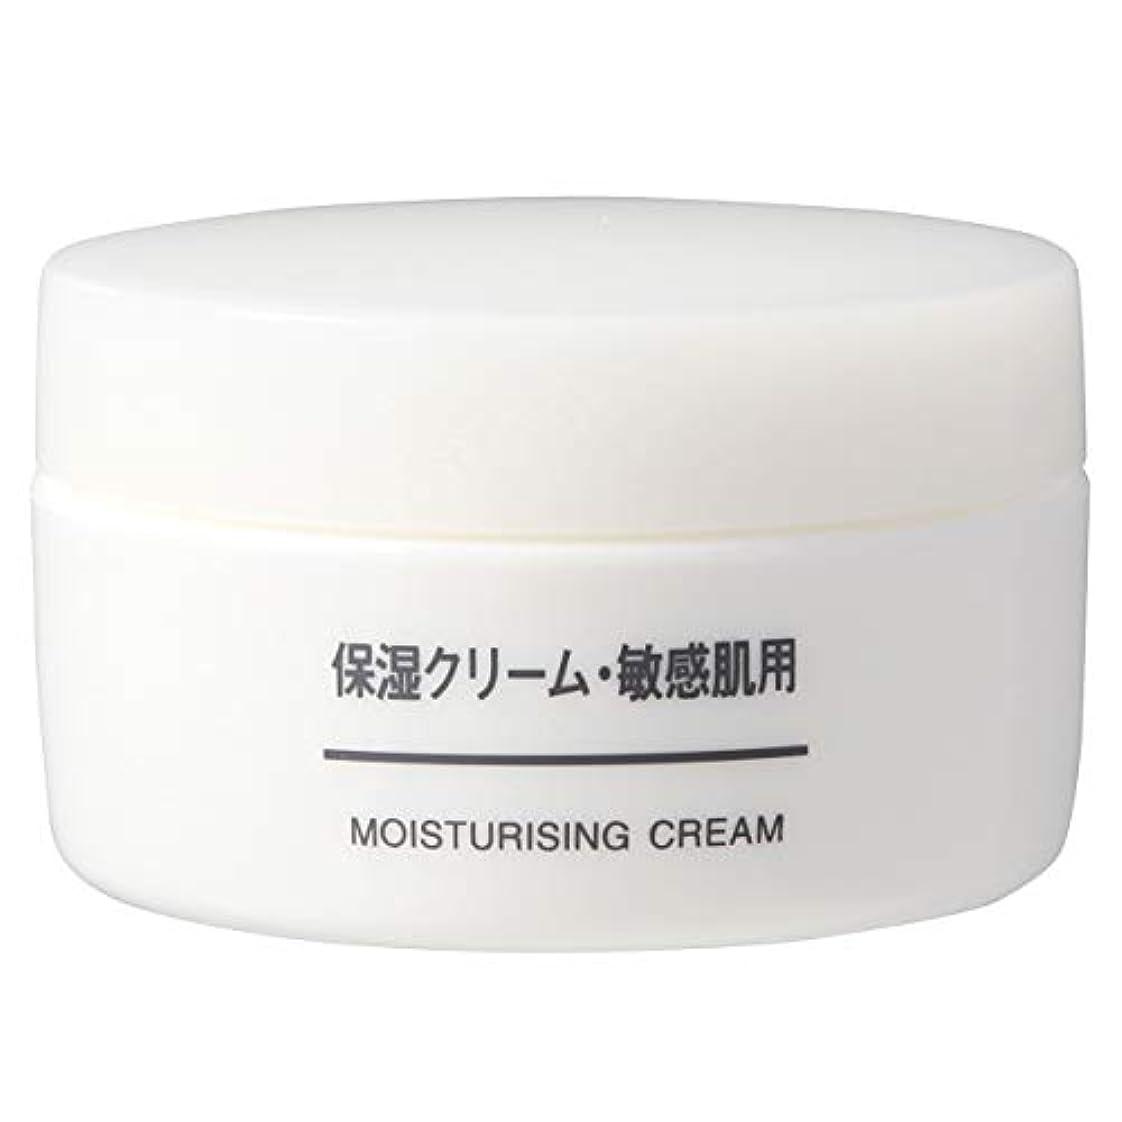 確保する再開時間厳守無印良品 保湿クリーム 敏感肌用 50g